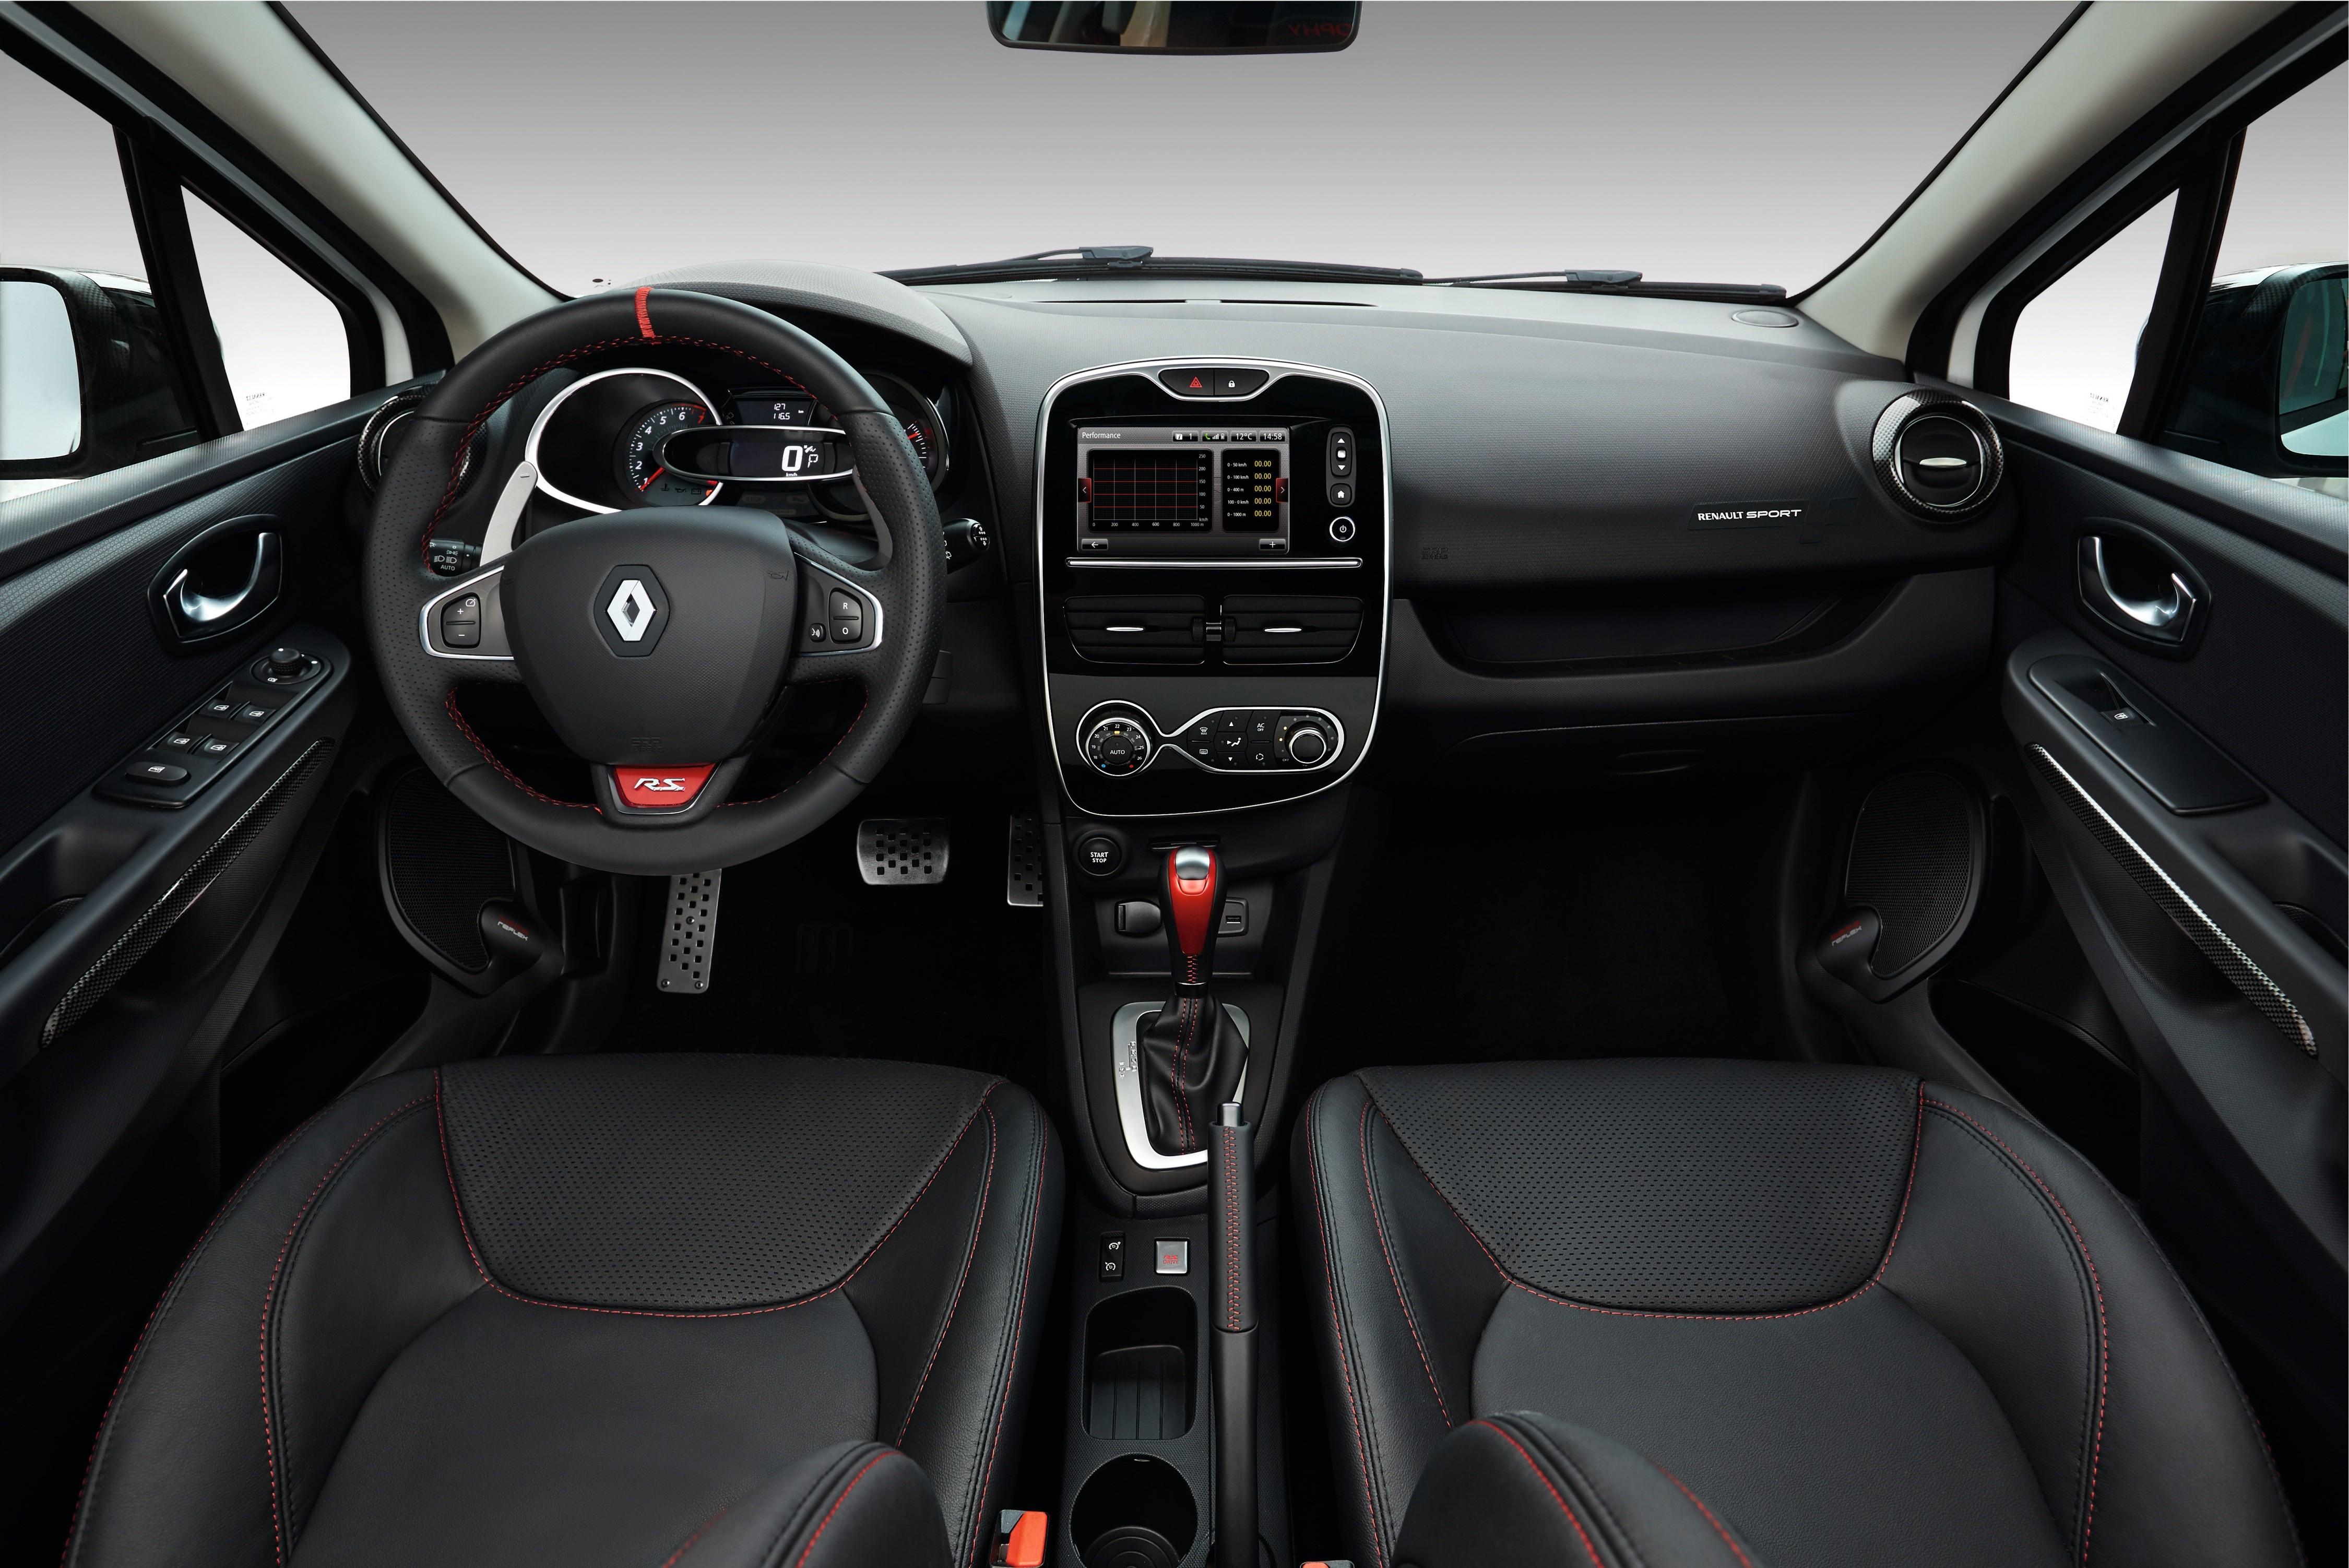 Renault_66629_global_en.jpg